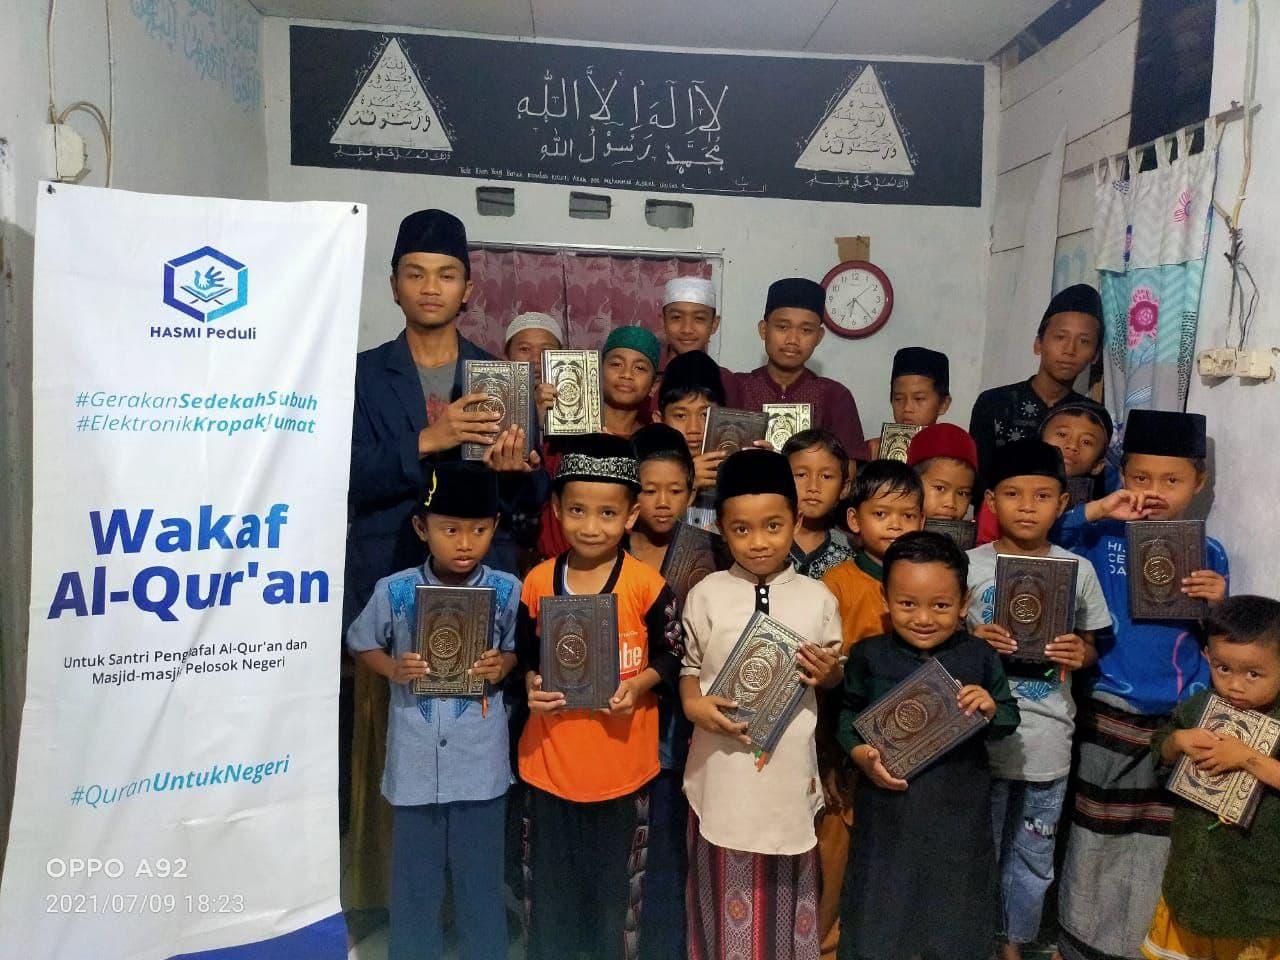 Wakaf Al-Quran untuk Ponpes Al-Hidayah